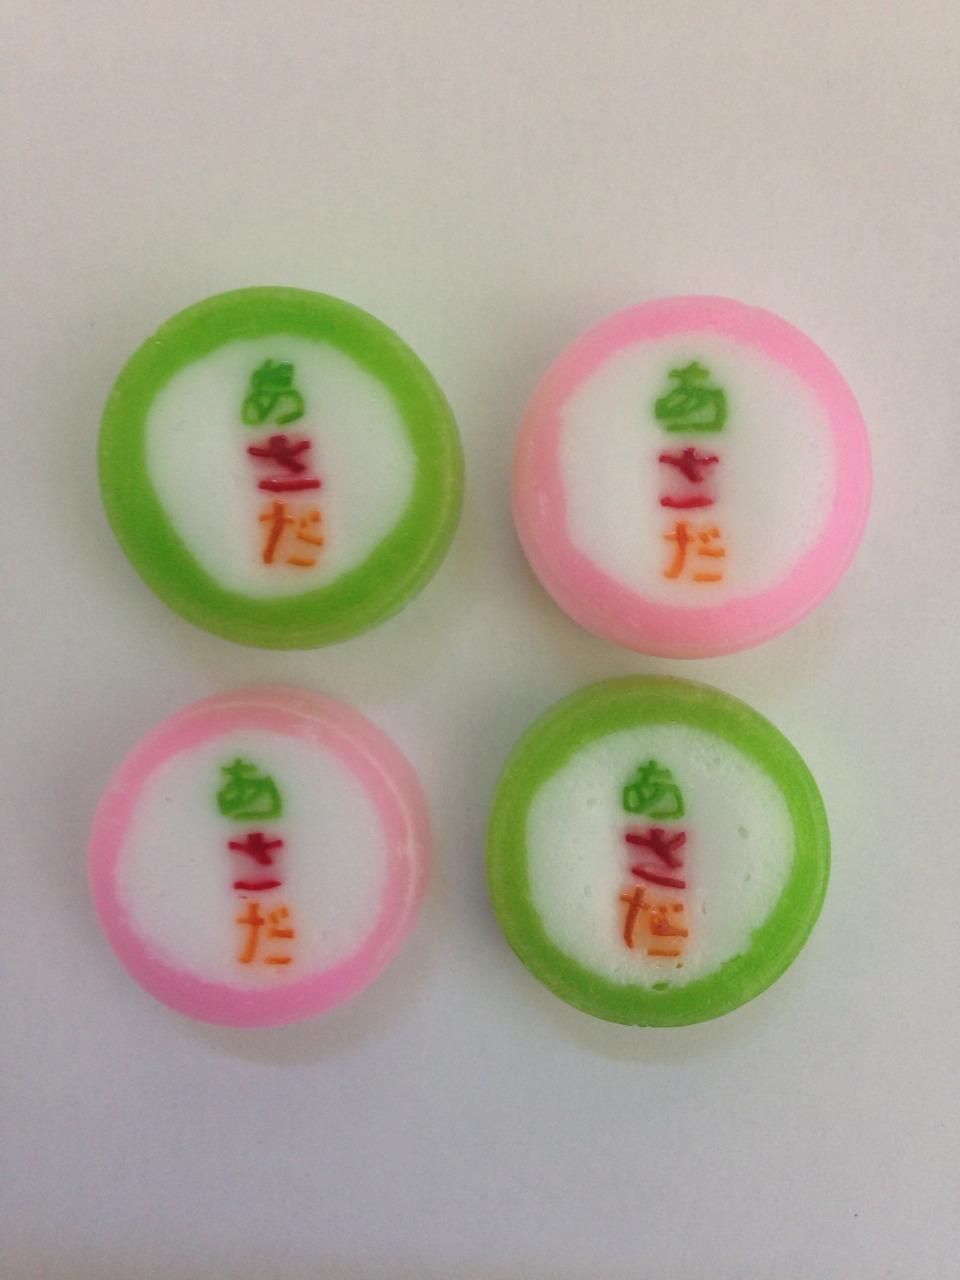 オリジナルキャンディーノベルティー販促物のあめのイラストの出来は、キャンディーラボ、デポ、パパブブレ、キャンディーショタイムーには負けません。